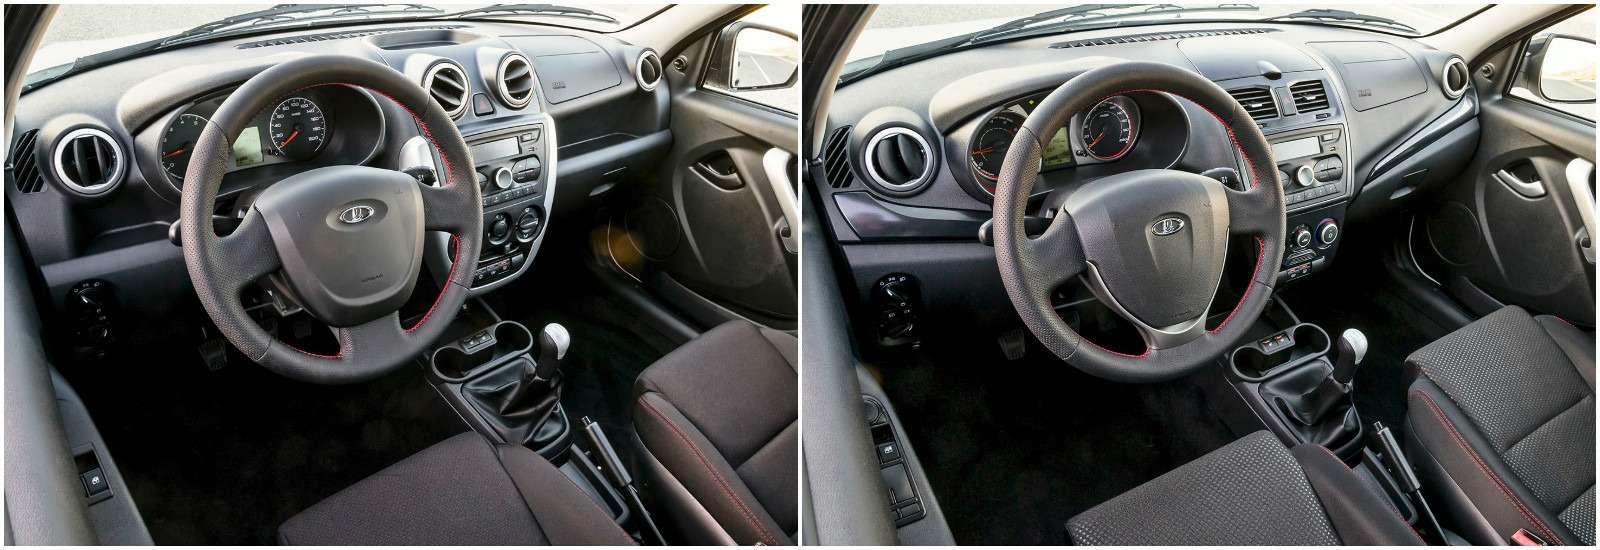 Lada Drive Active: горячие Гранта иКалина— фото 685740